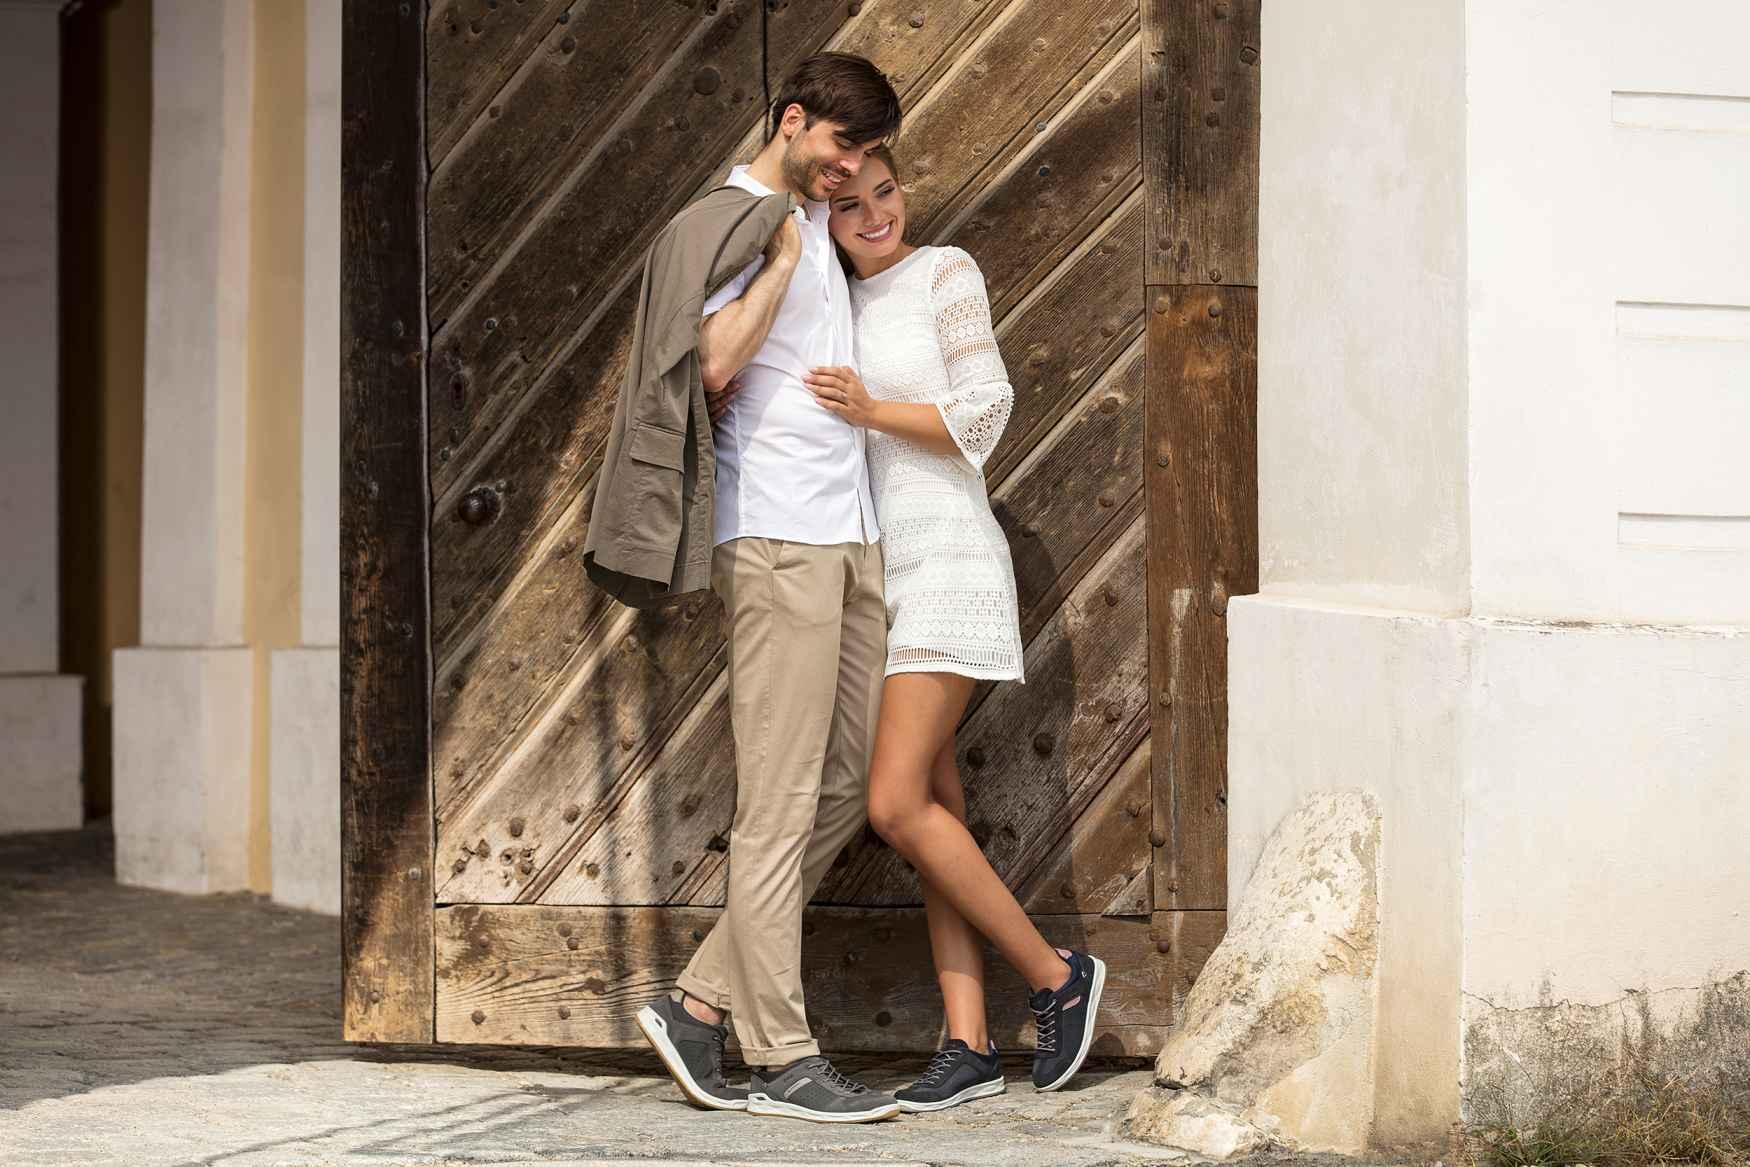 Dieser trendige Alleskönner sorgt für einen rundum perfekten Auftritt! Das schlichte Design in Kombination mit der Lederprägung machen den STRATO EVO LL LO zu einem Begleiter für fast jeden Anlass. Die Zwischensohle aus LOWA DynaPU® bietet eine gute Dämpfung und das hochwertige Lederinnenfutter sorgt für besten Komfort. Mit diesem Schuh kann aus einem kurzen Spaziergang spontan eine Wanderung werden.